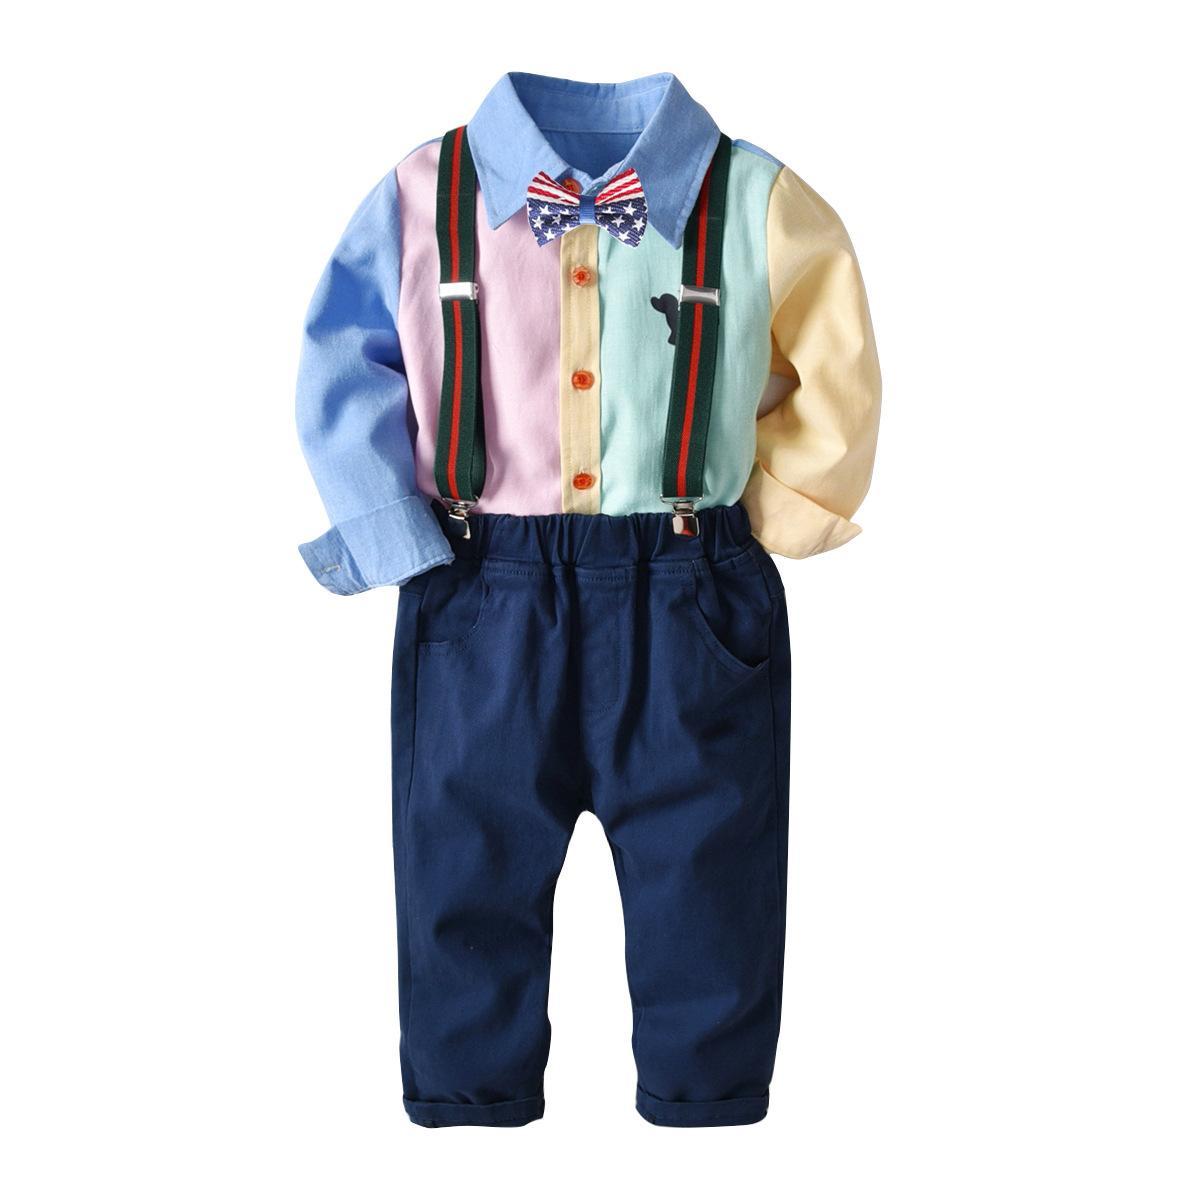 171144488368c Satın Al 2018 Çocuk Giyim Seti Beyefendi Erkek Uzun Kollu Kıyafet Suit  Gömlek Üst + Tulum Pantolon Çocuk Bebek Bebek Erkek Giysileri 1 7 Yıl, ...